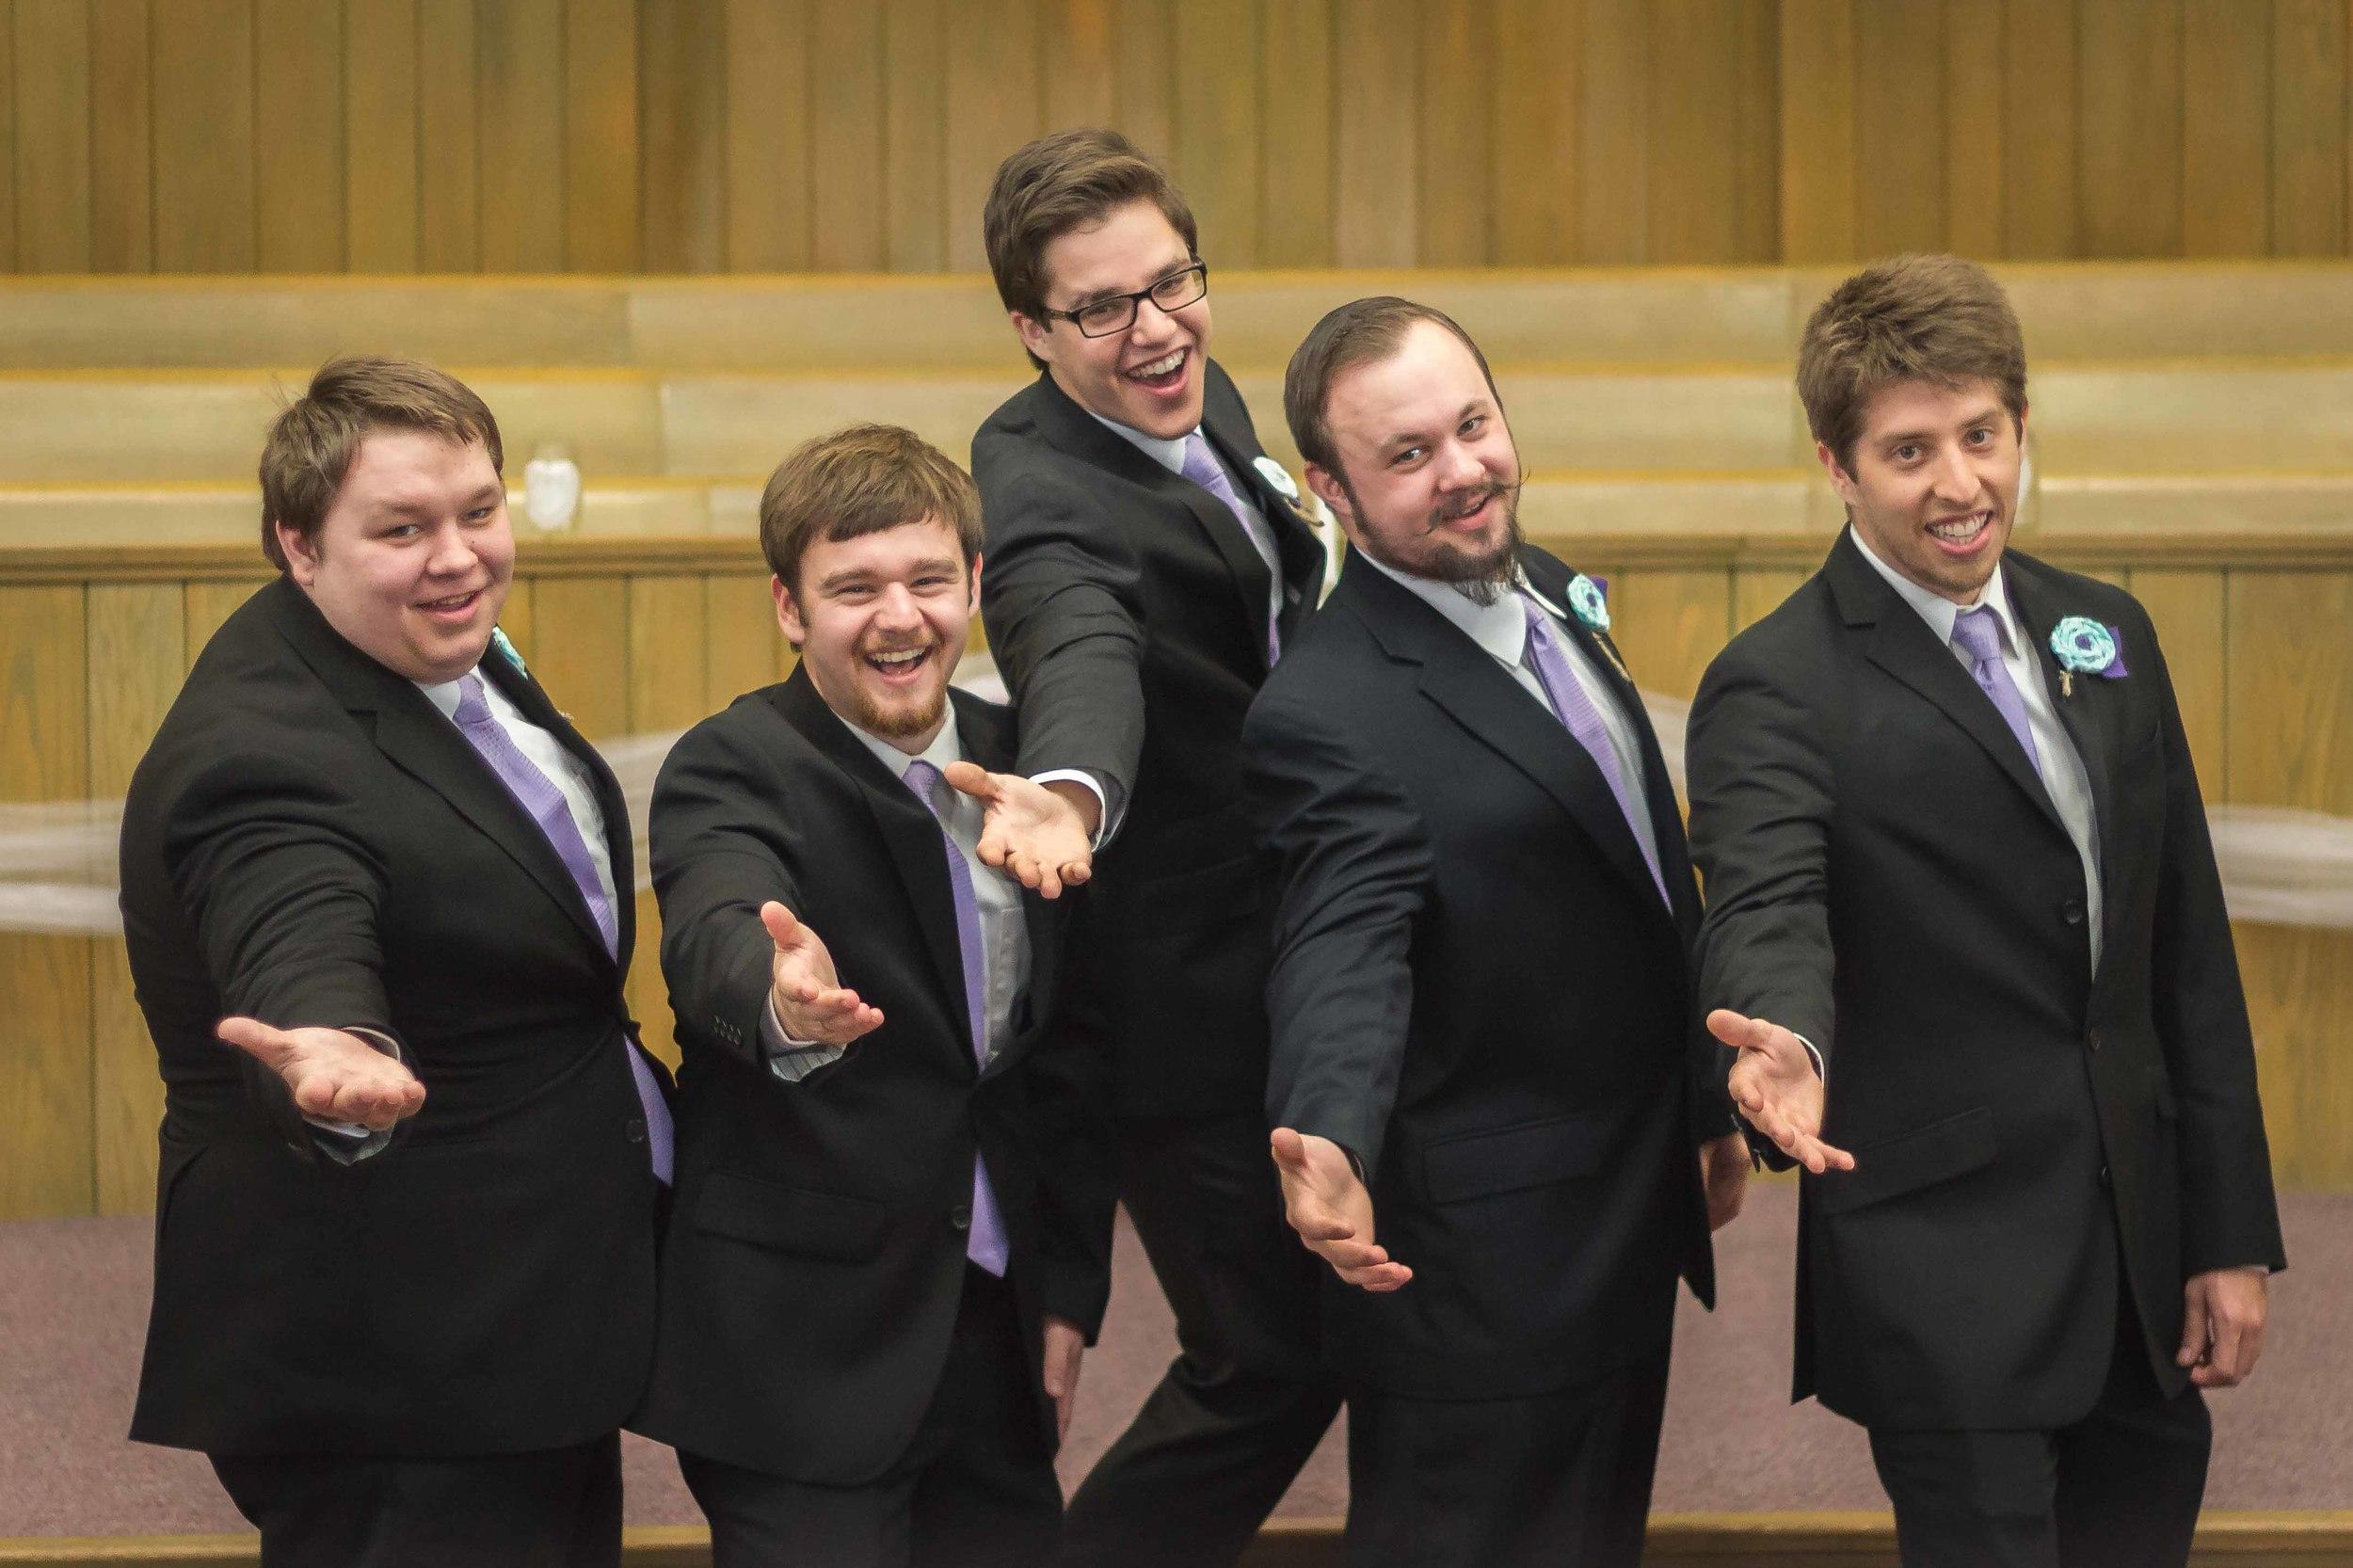 Groomsmen Hands Out-174.jpg